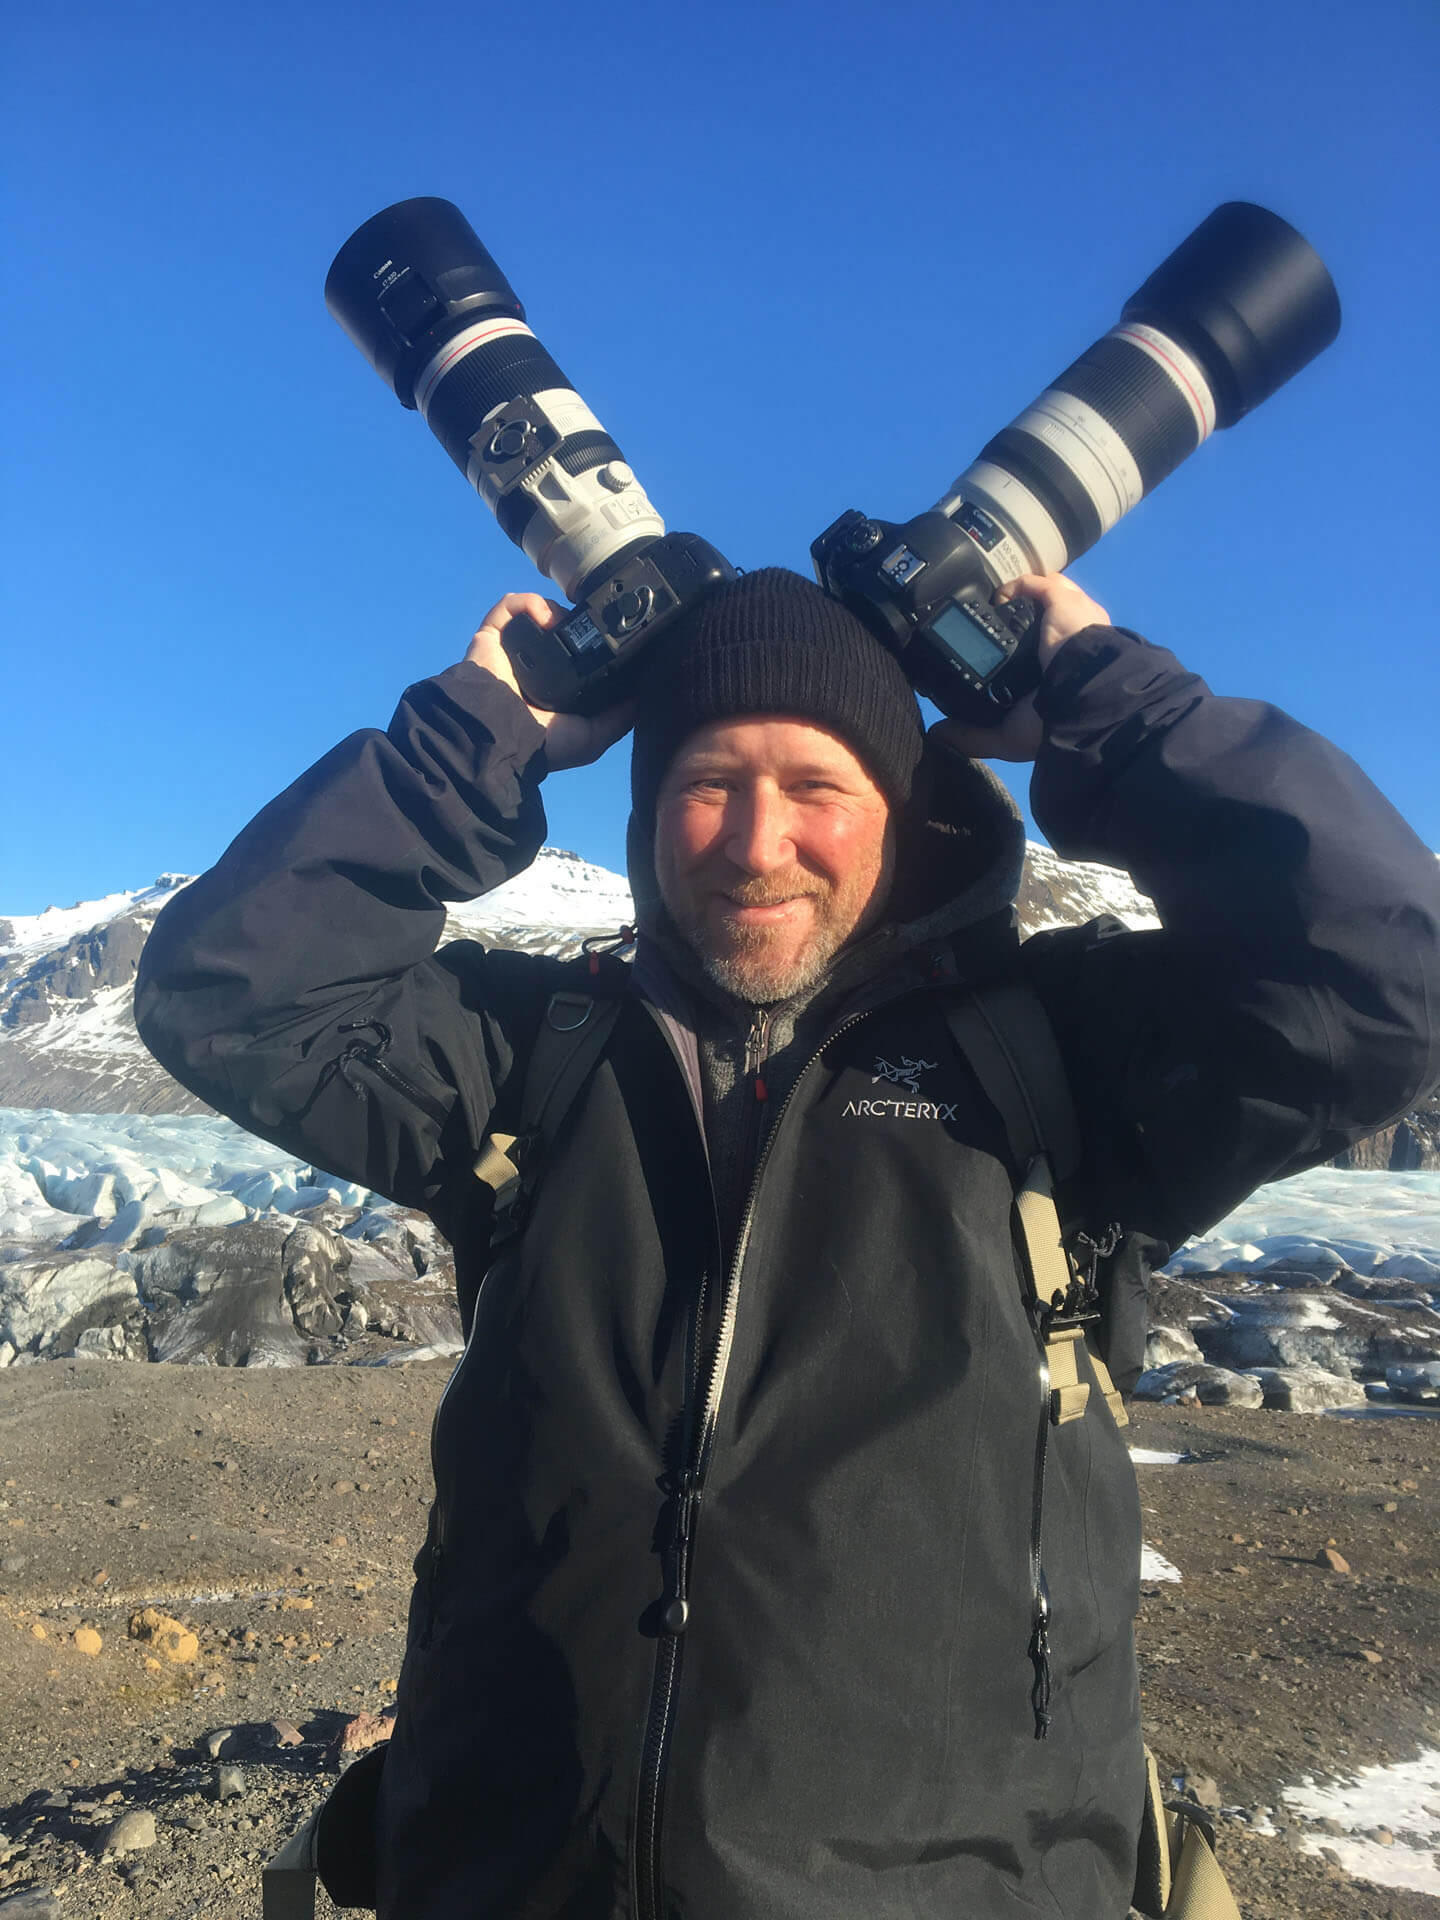 Fotograf mit zwei Canon EF 100-400 Objektiven an 5D Mark II und IV